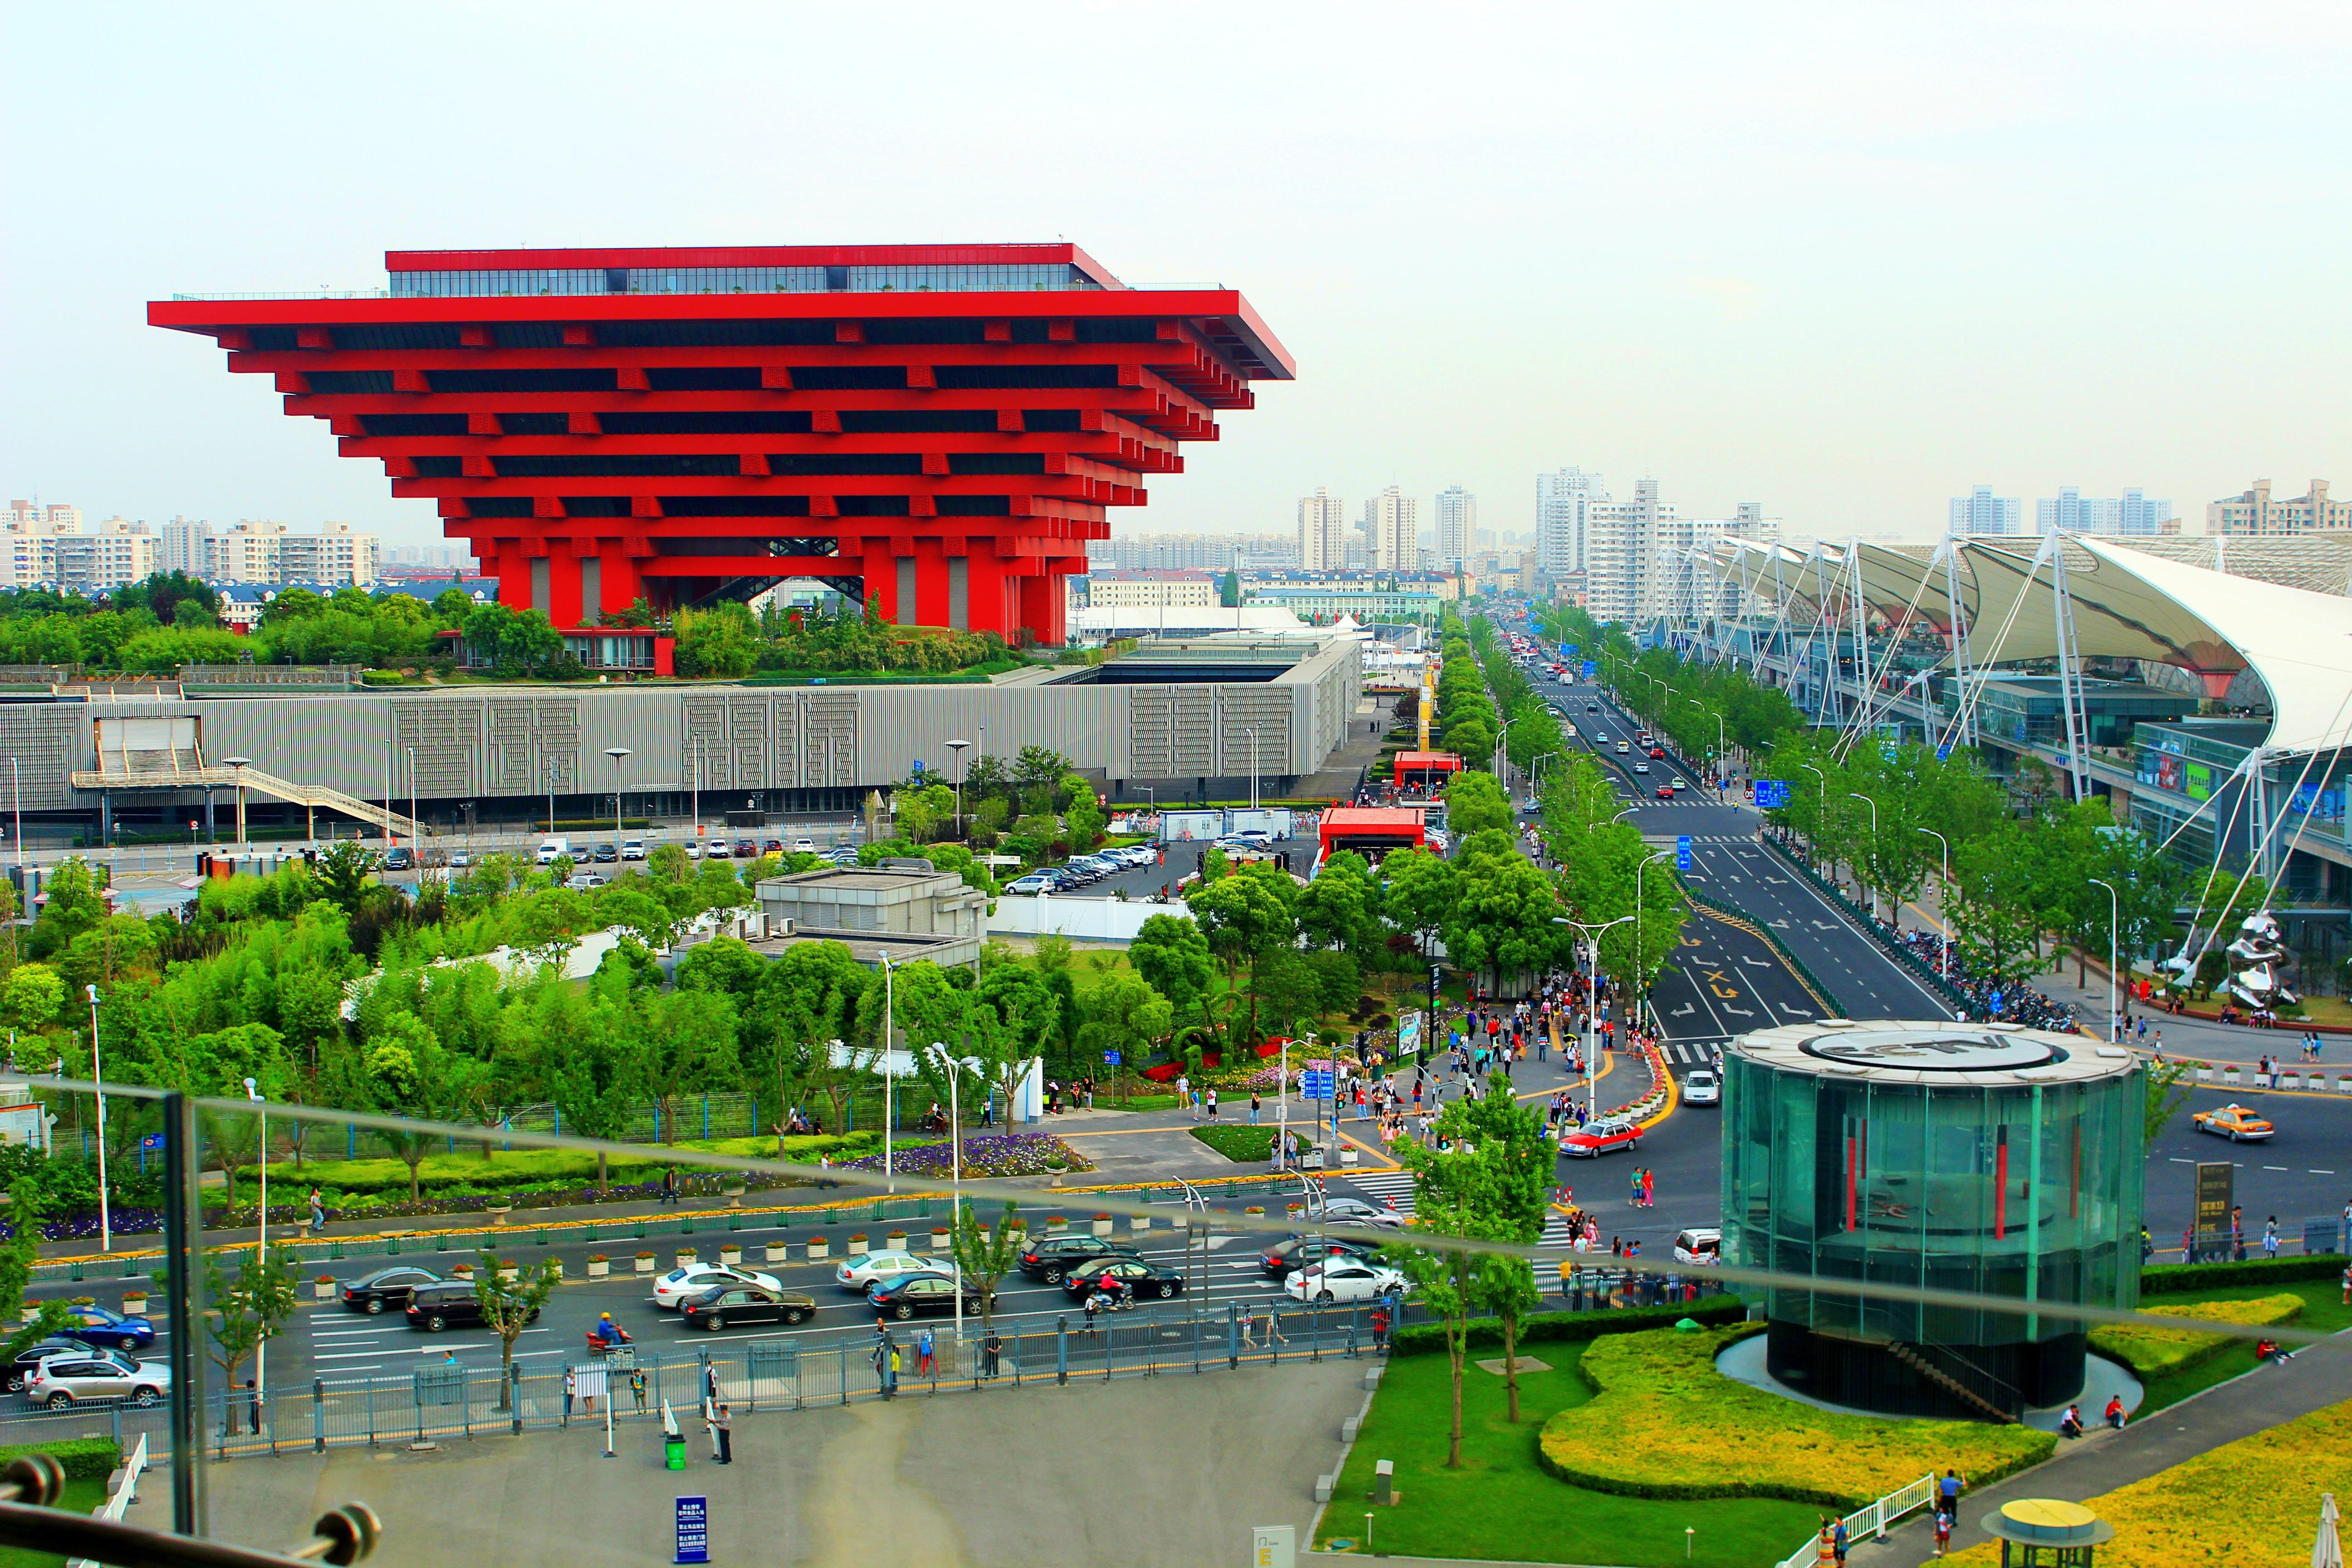 上海世博园攻略_【携程攻略】上海世博园门票,上海世博园攻略/地址/图片/门票价格